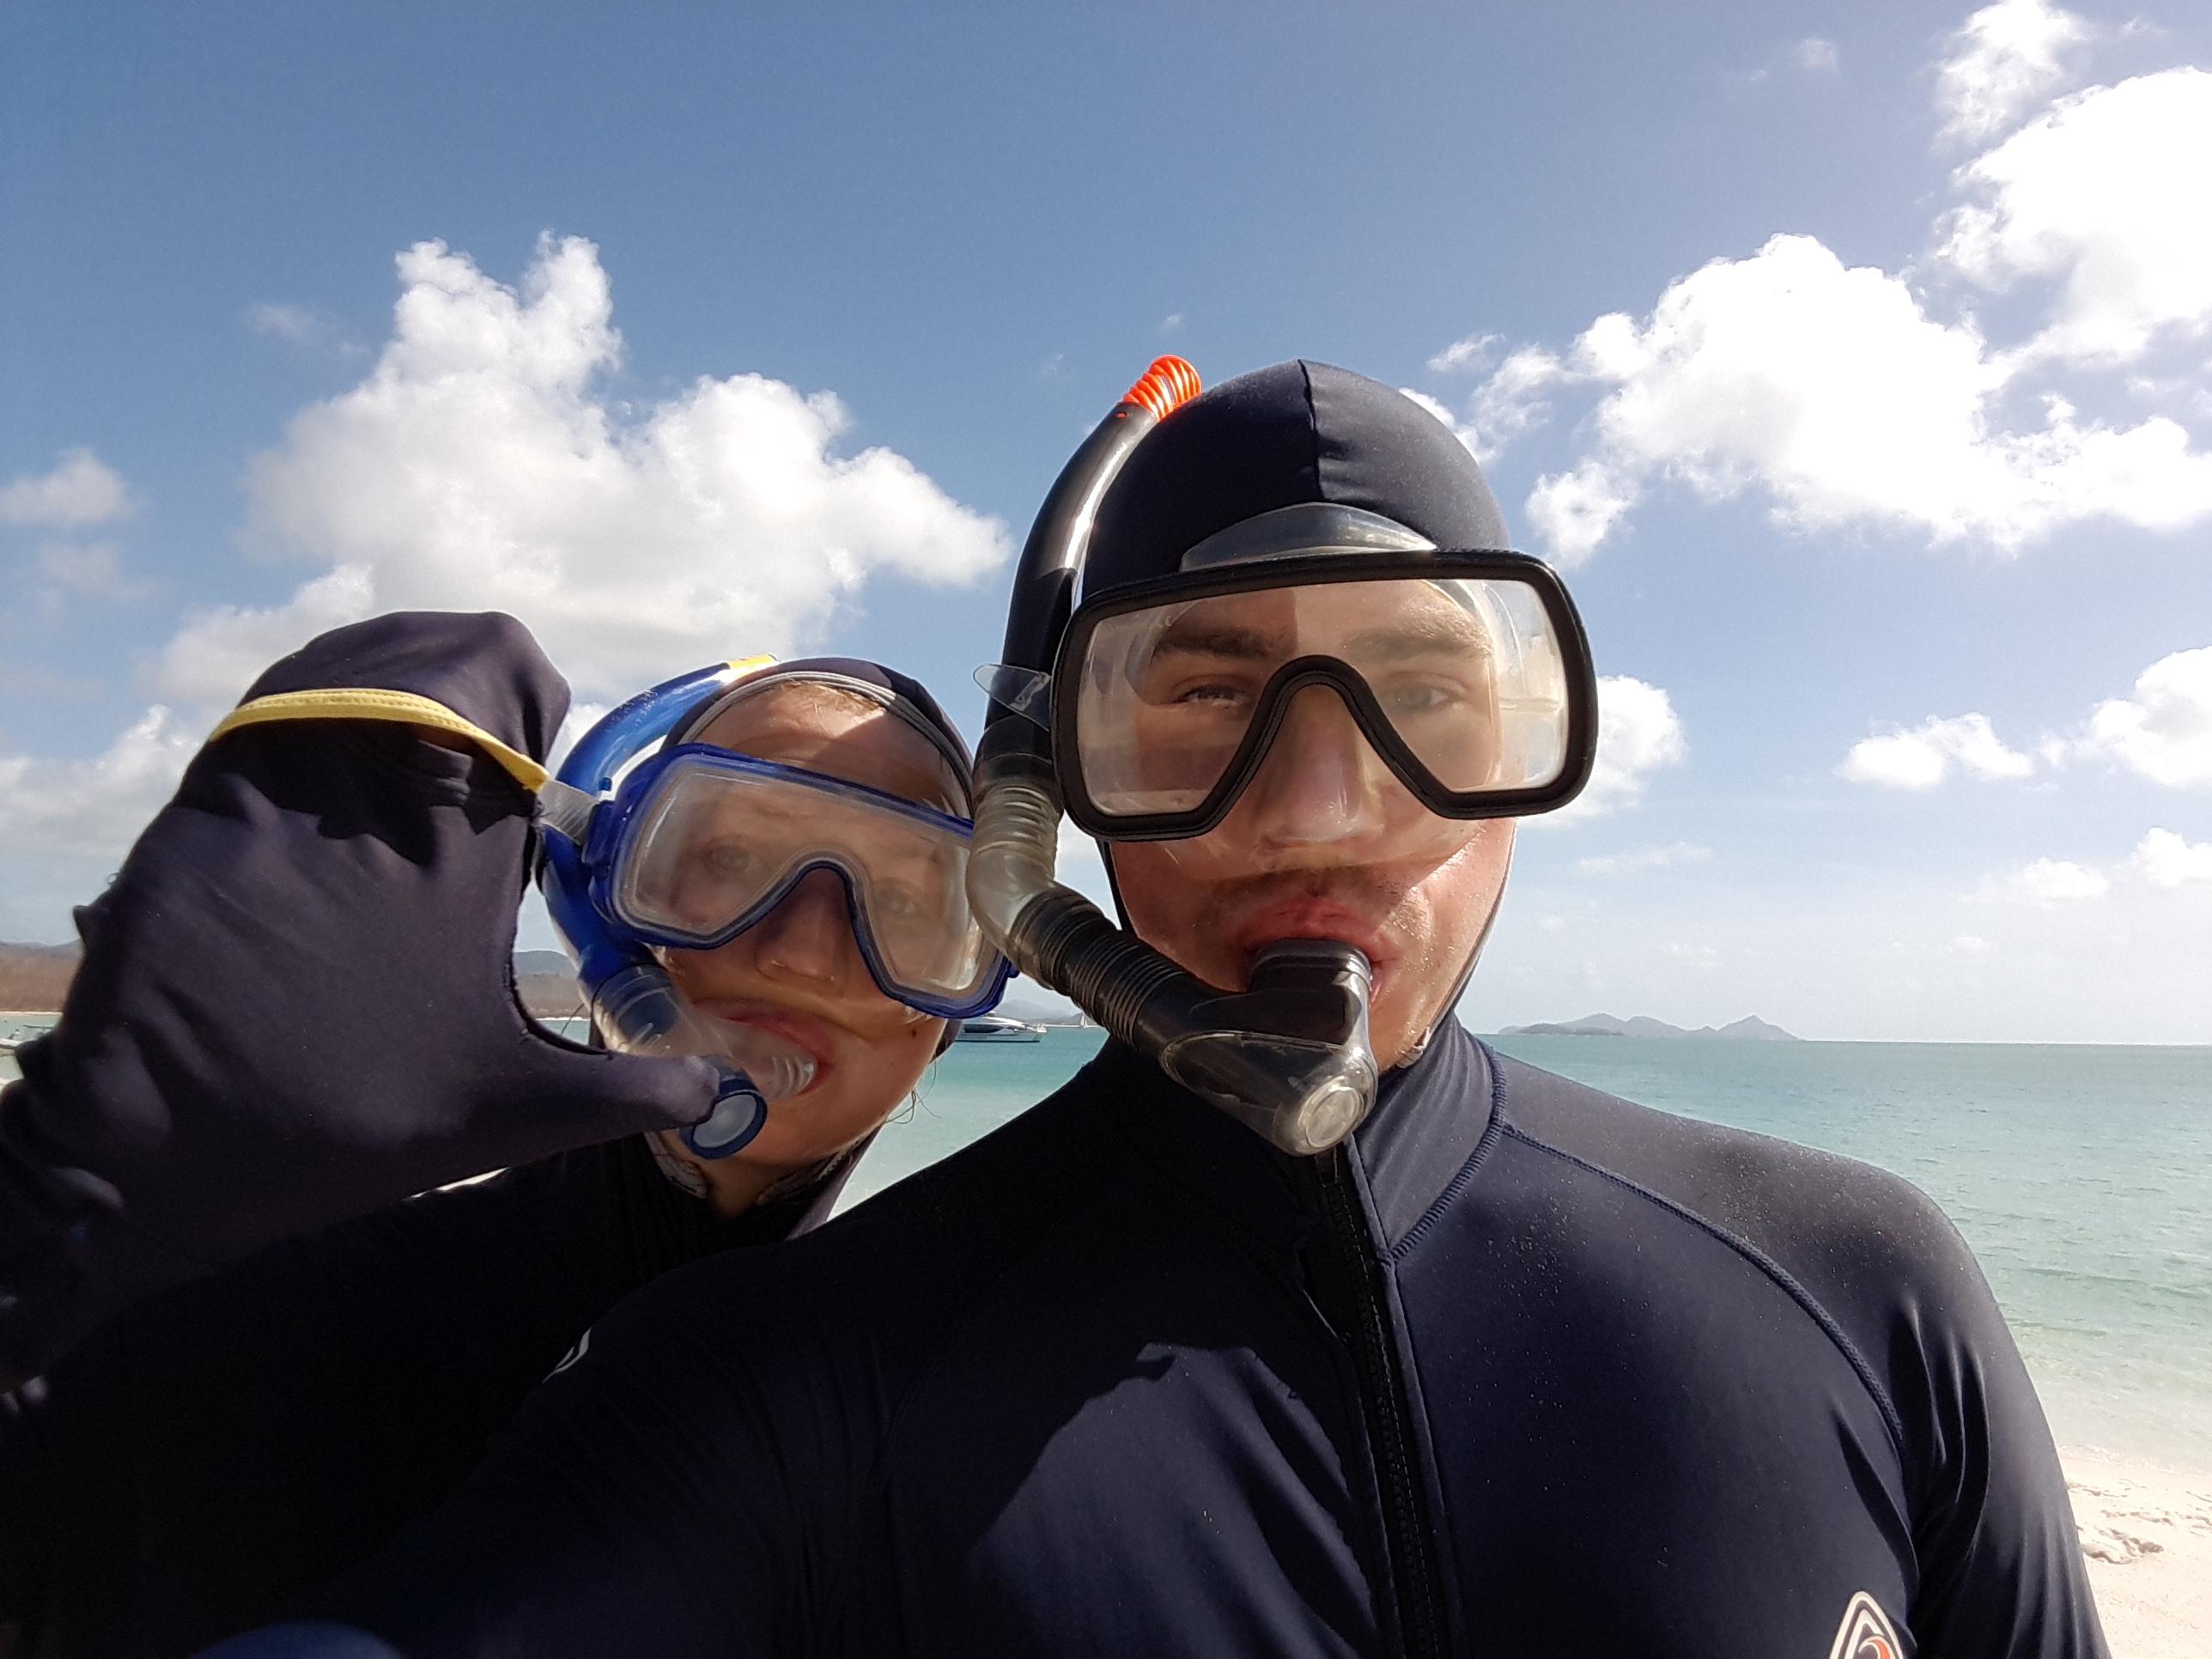 Stinger Suit, Whitsunday Islands, Whitehaven Beach, Reiseblog, Miles and Shores, Chrisi und Ronnie, Wetsuit, Schnorcheln, snorkeling, Strand, Tour, buchen, Erfahrungen